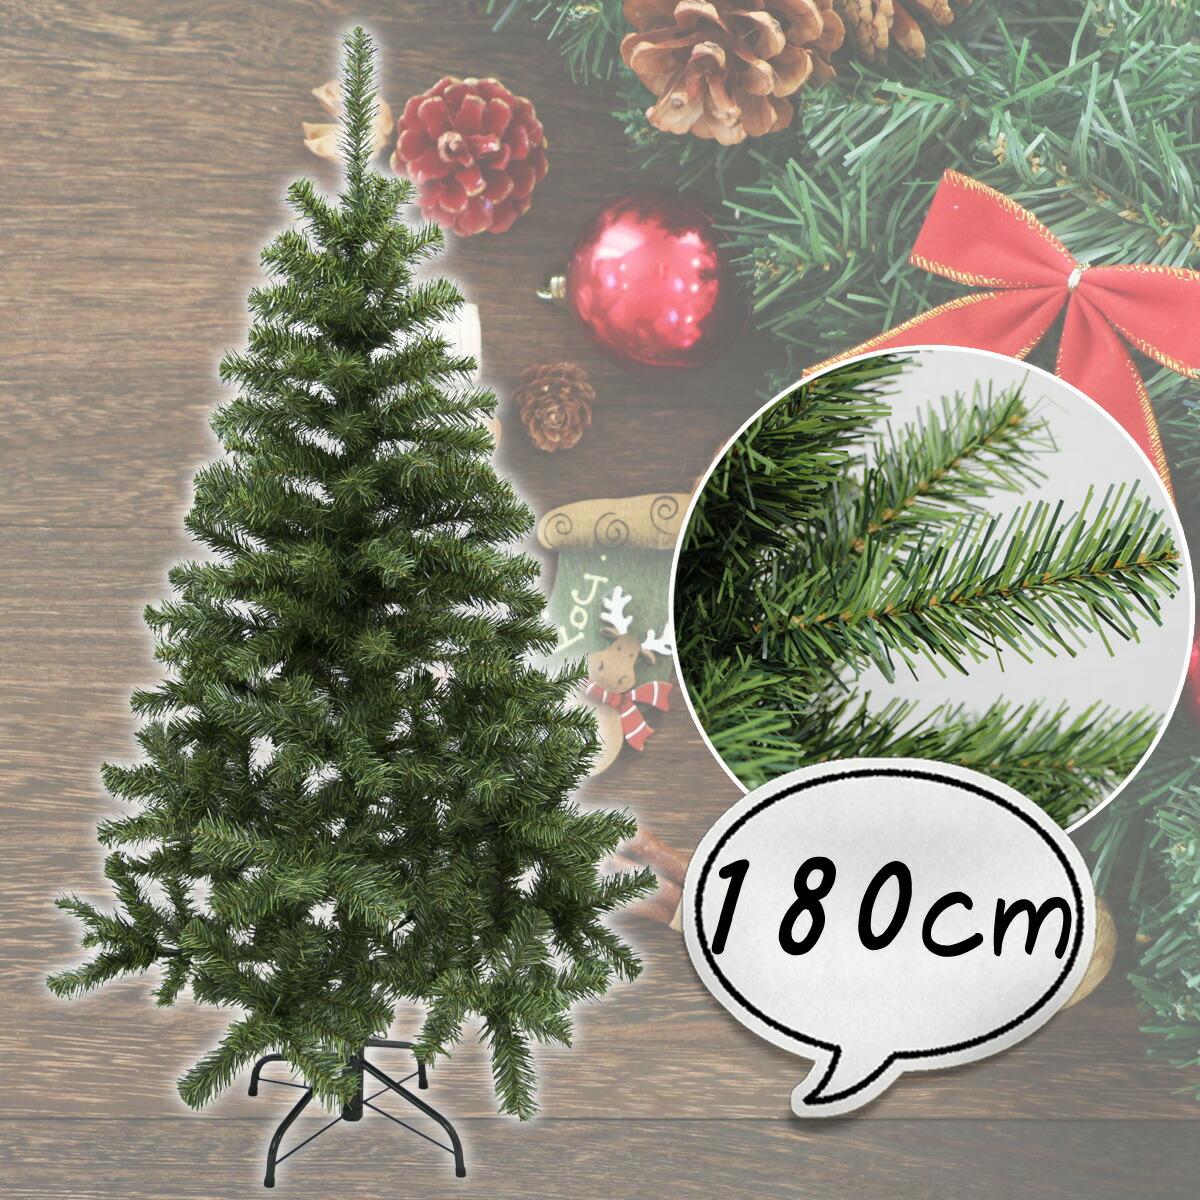 クリスマスツリー 180cm [ツリー 木 単品 ] フランクヒルズツリー 北欧 おしゃれ